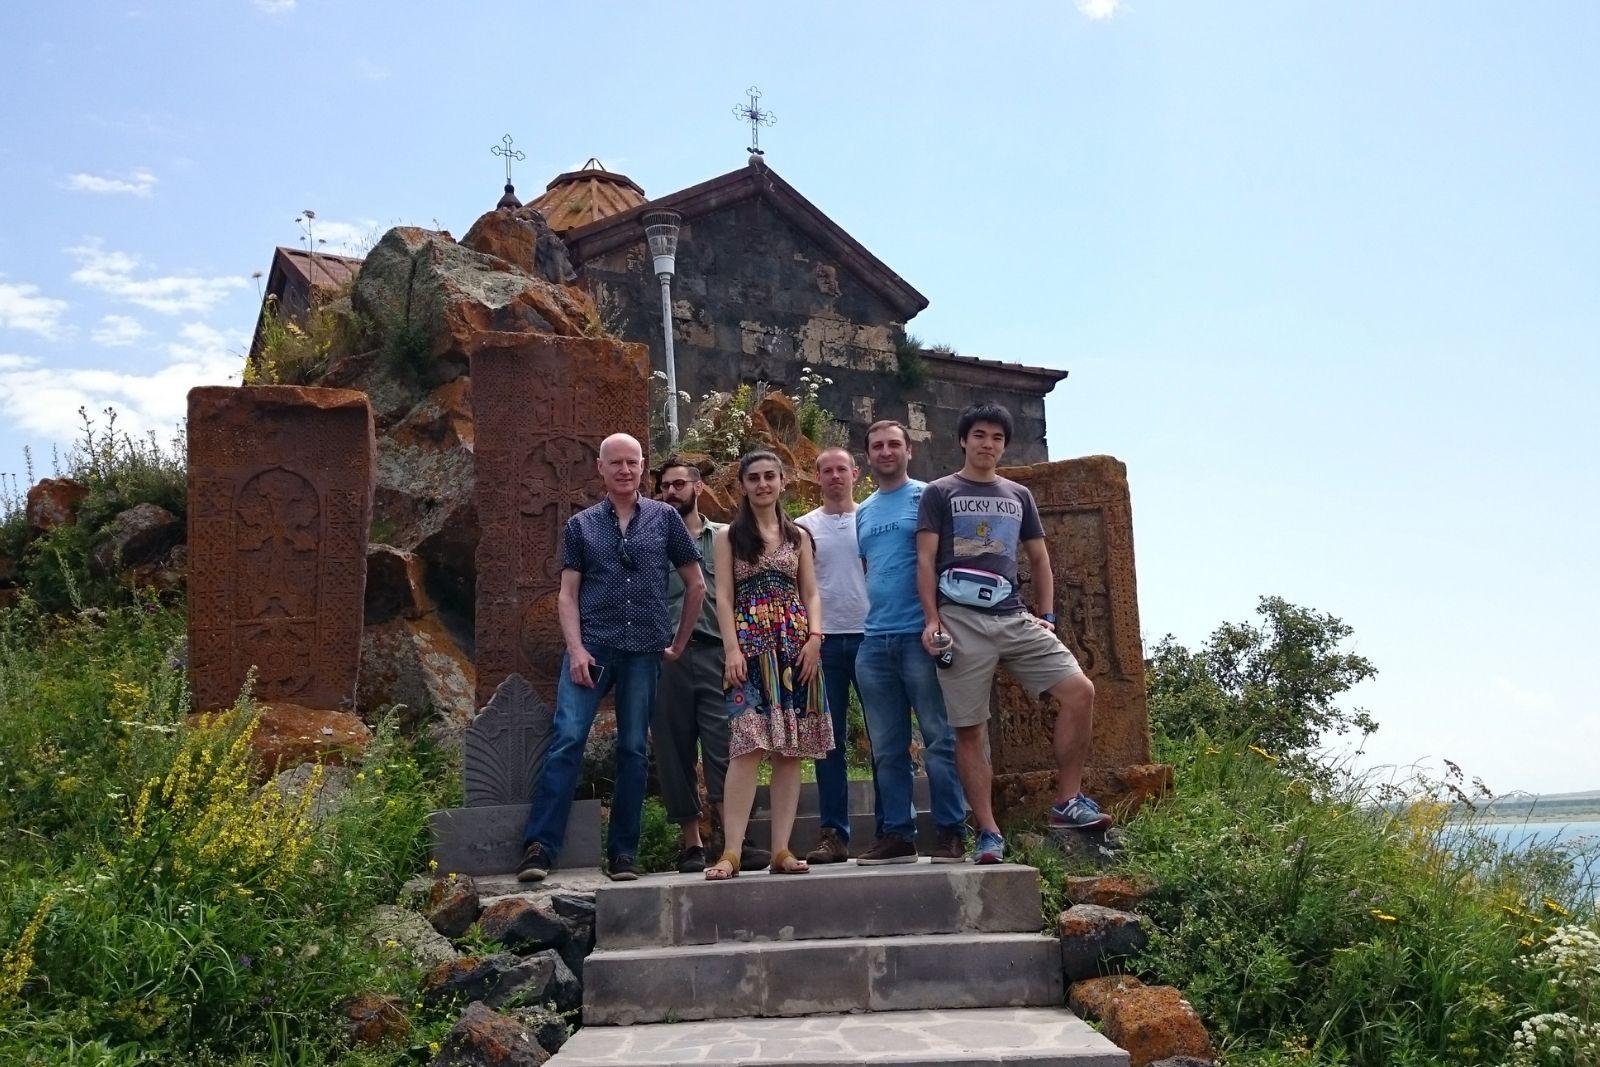 2016 Armenian Studies summer school participants at Hayravank monastery on lake Sevan